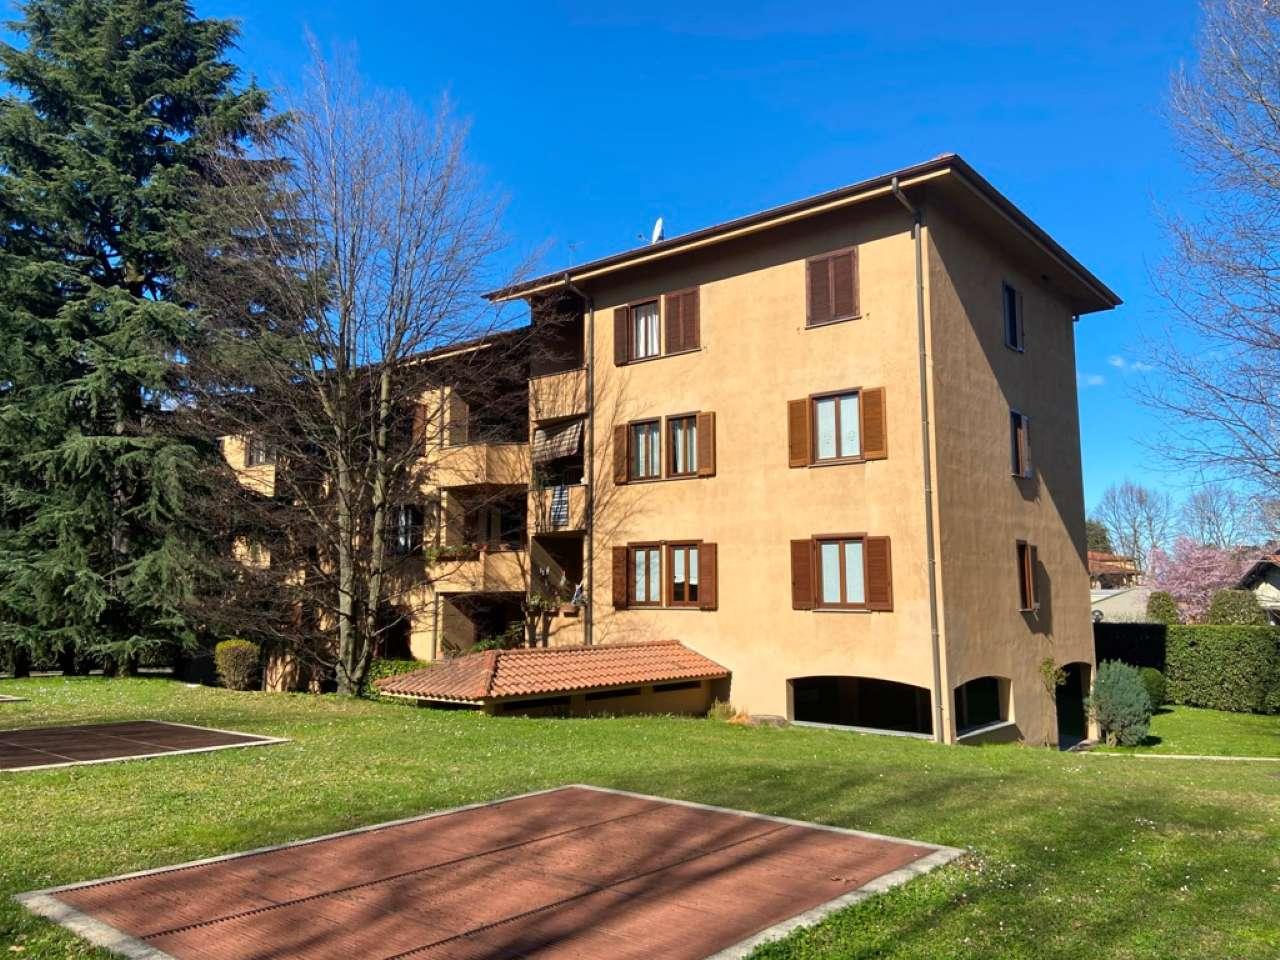 Attico / Mansarda in vendita a Carate Brianza, 5 locali, prezzo € 289.000   PortaleAgenzieImmobiliari.it